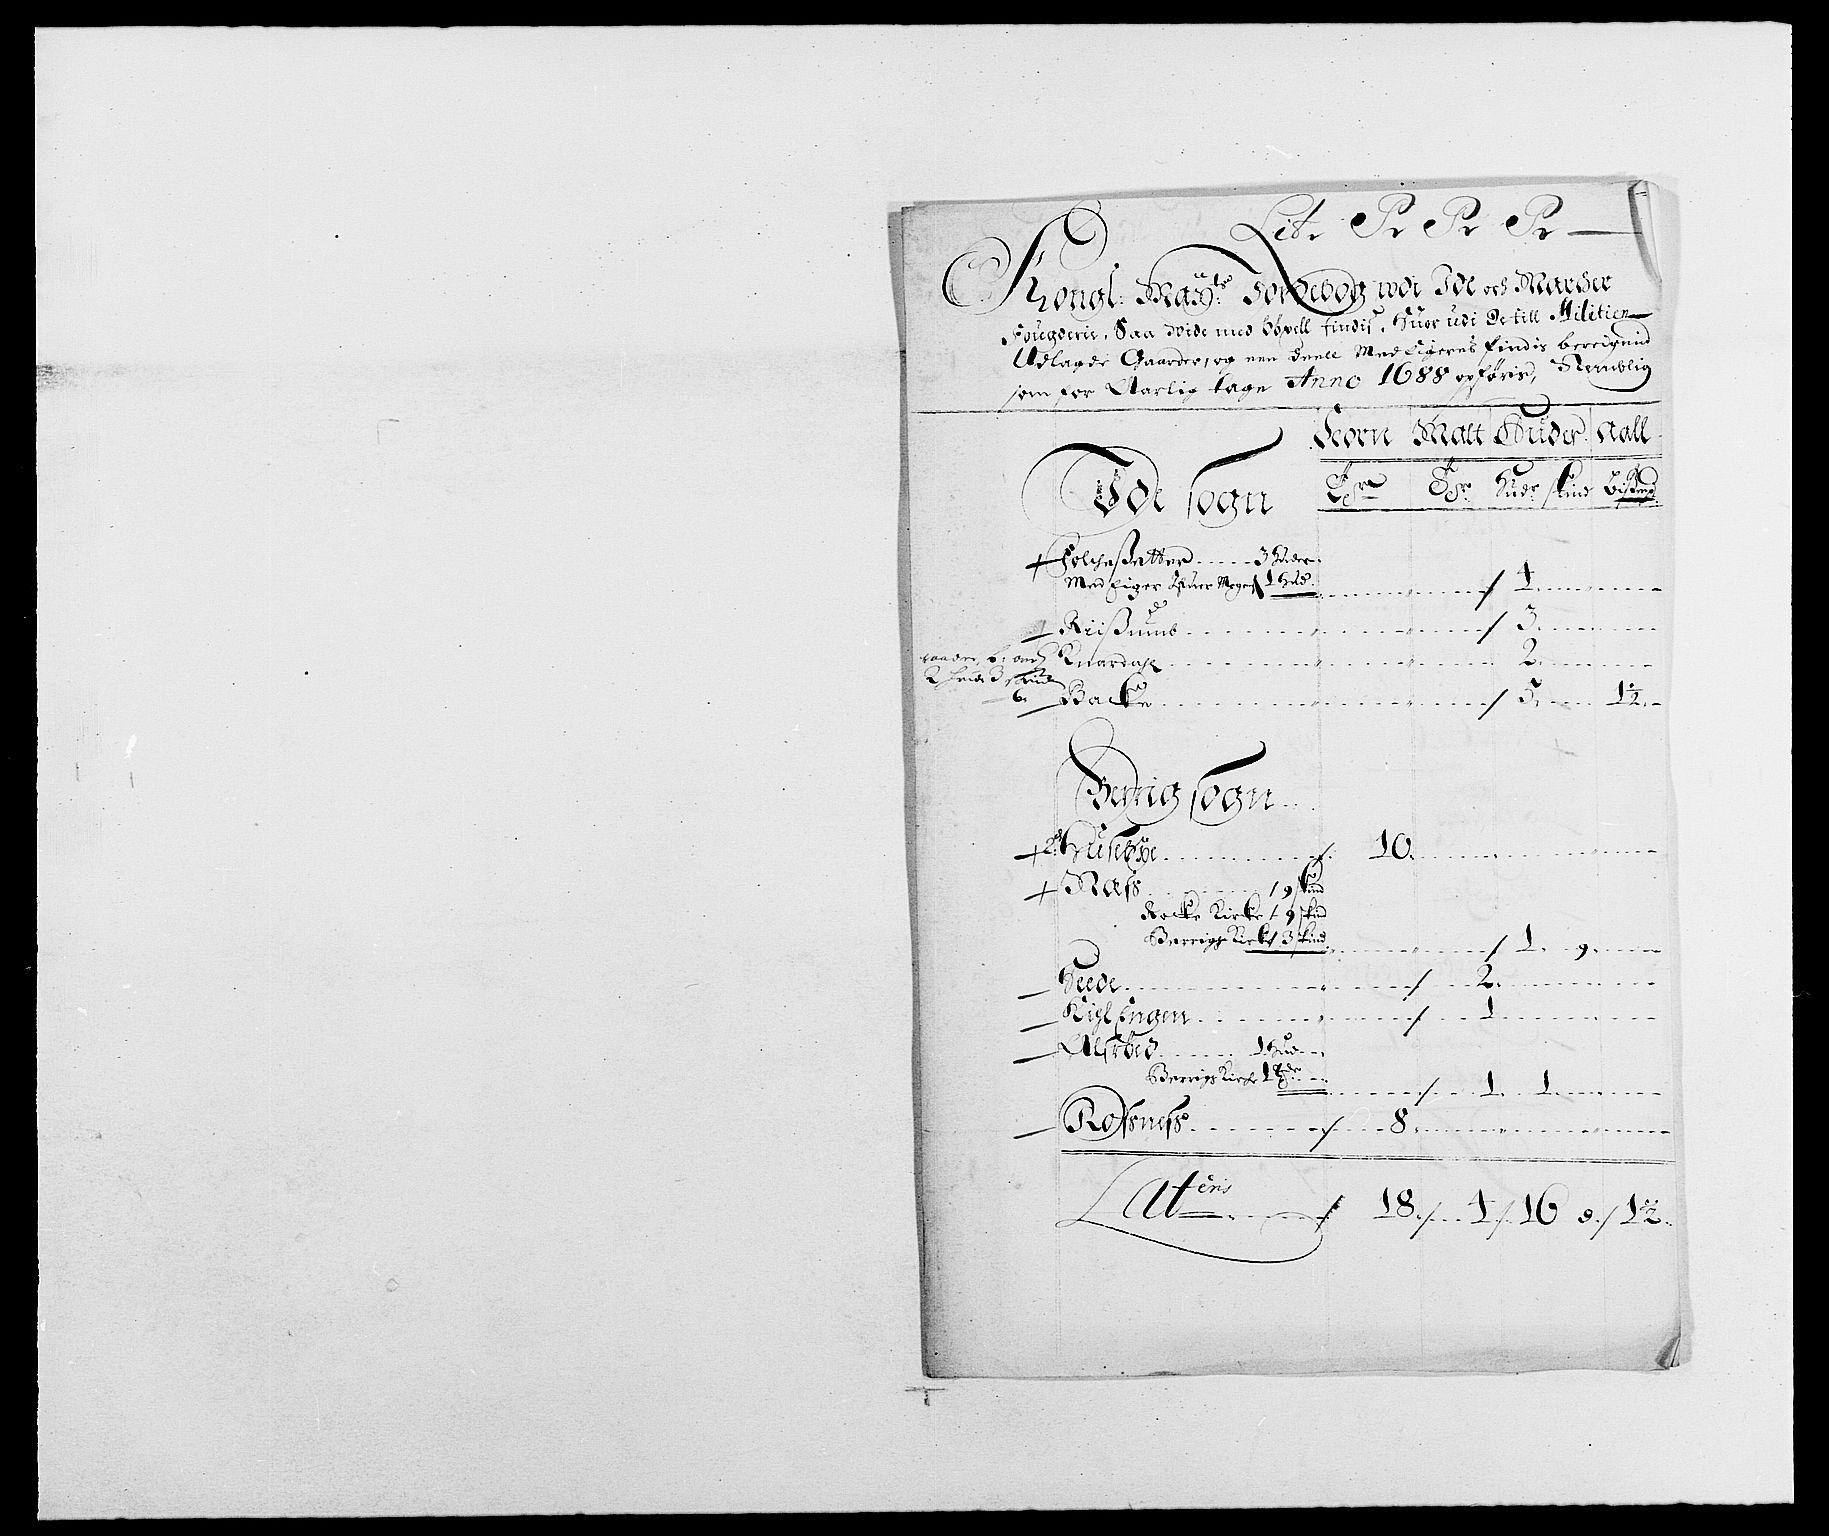 RA, Rentekammeret inntil 1814, Reviderte regnskaper, Fogderegnskap, R01/L0007: Fogderegnskap Idd og Marker, 1687-1688, s. 277